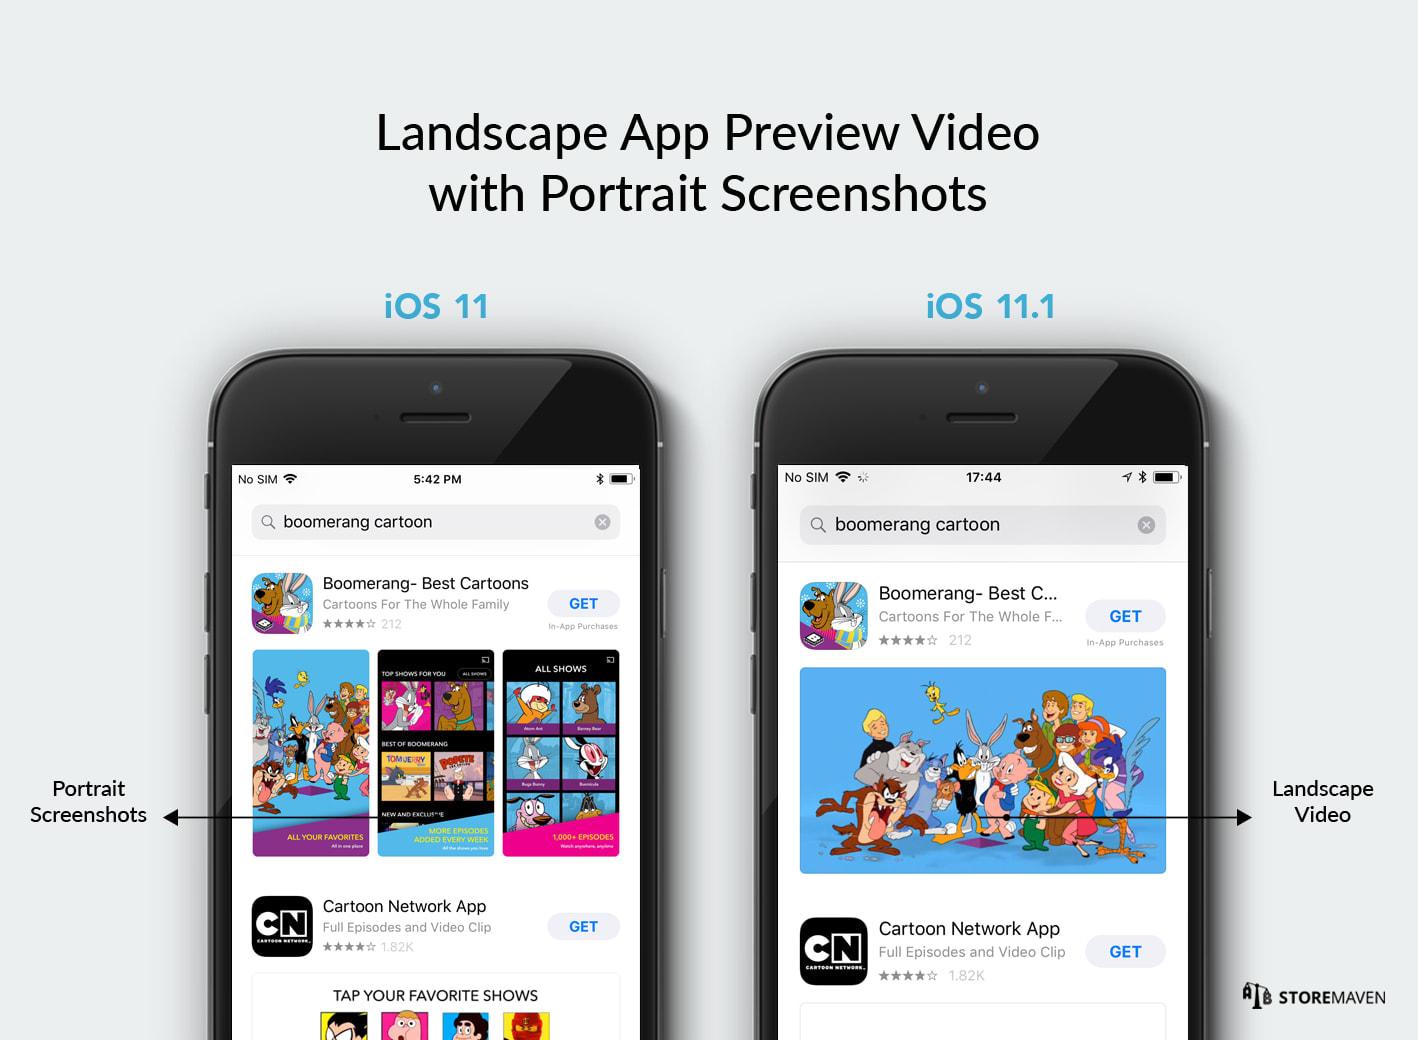 Landscape App Preview Video with Portrait Screenshots